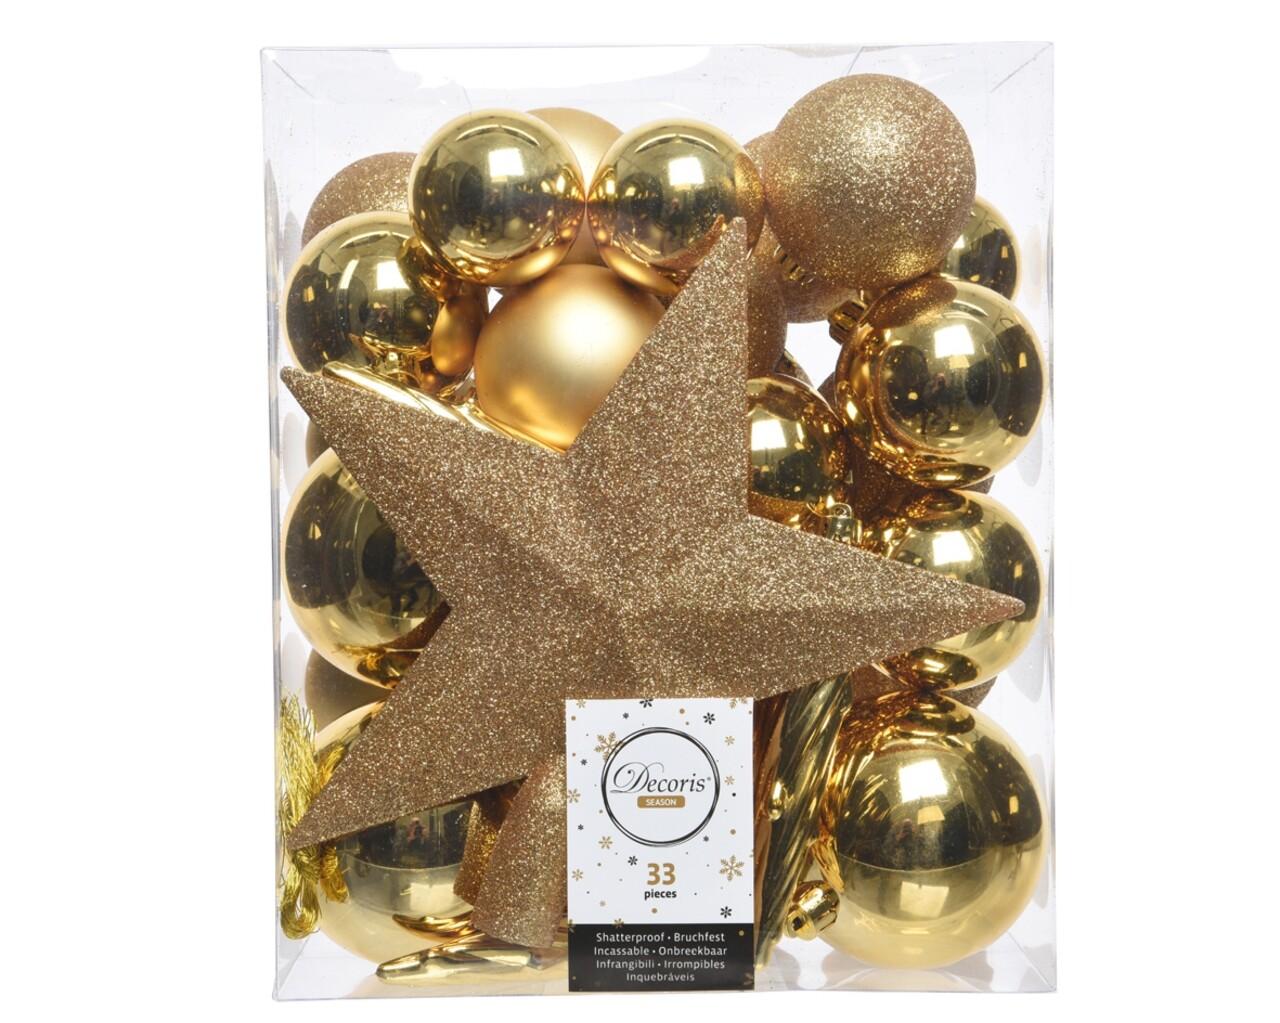 Cutie cu 33 globuri asortate si varf de brad Star, Decoris, plastic, auriu